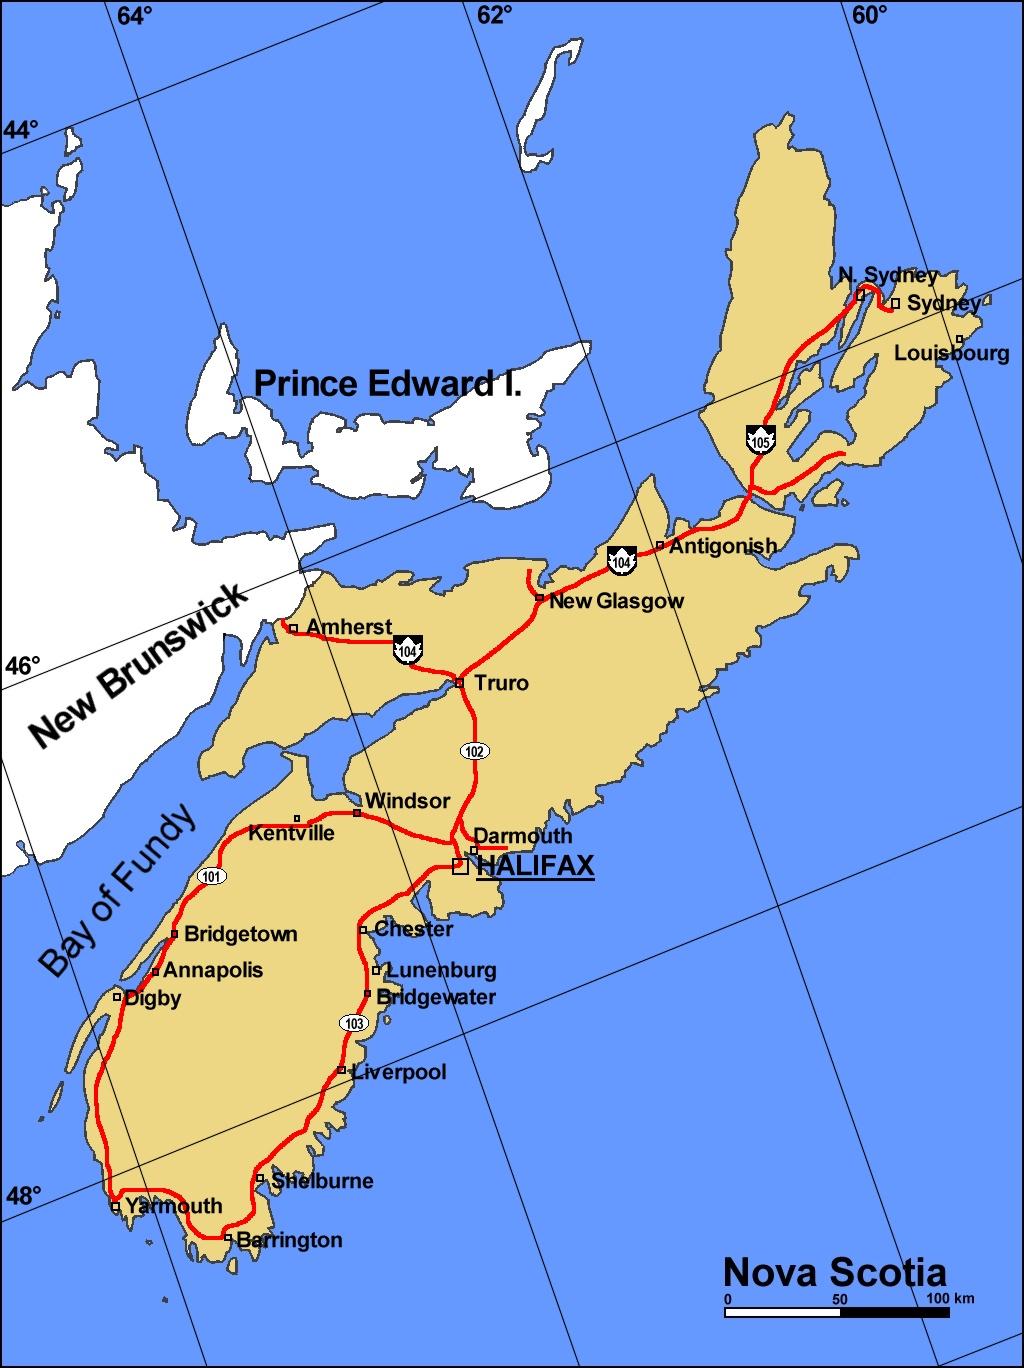 Verschiedene Weltkarte Mit Städten Beste Wahl Landkarte Nova Scotia (karte Städte, Englisch)